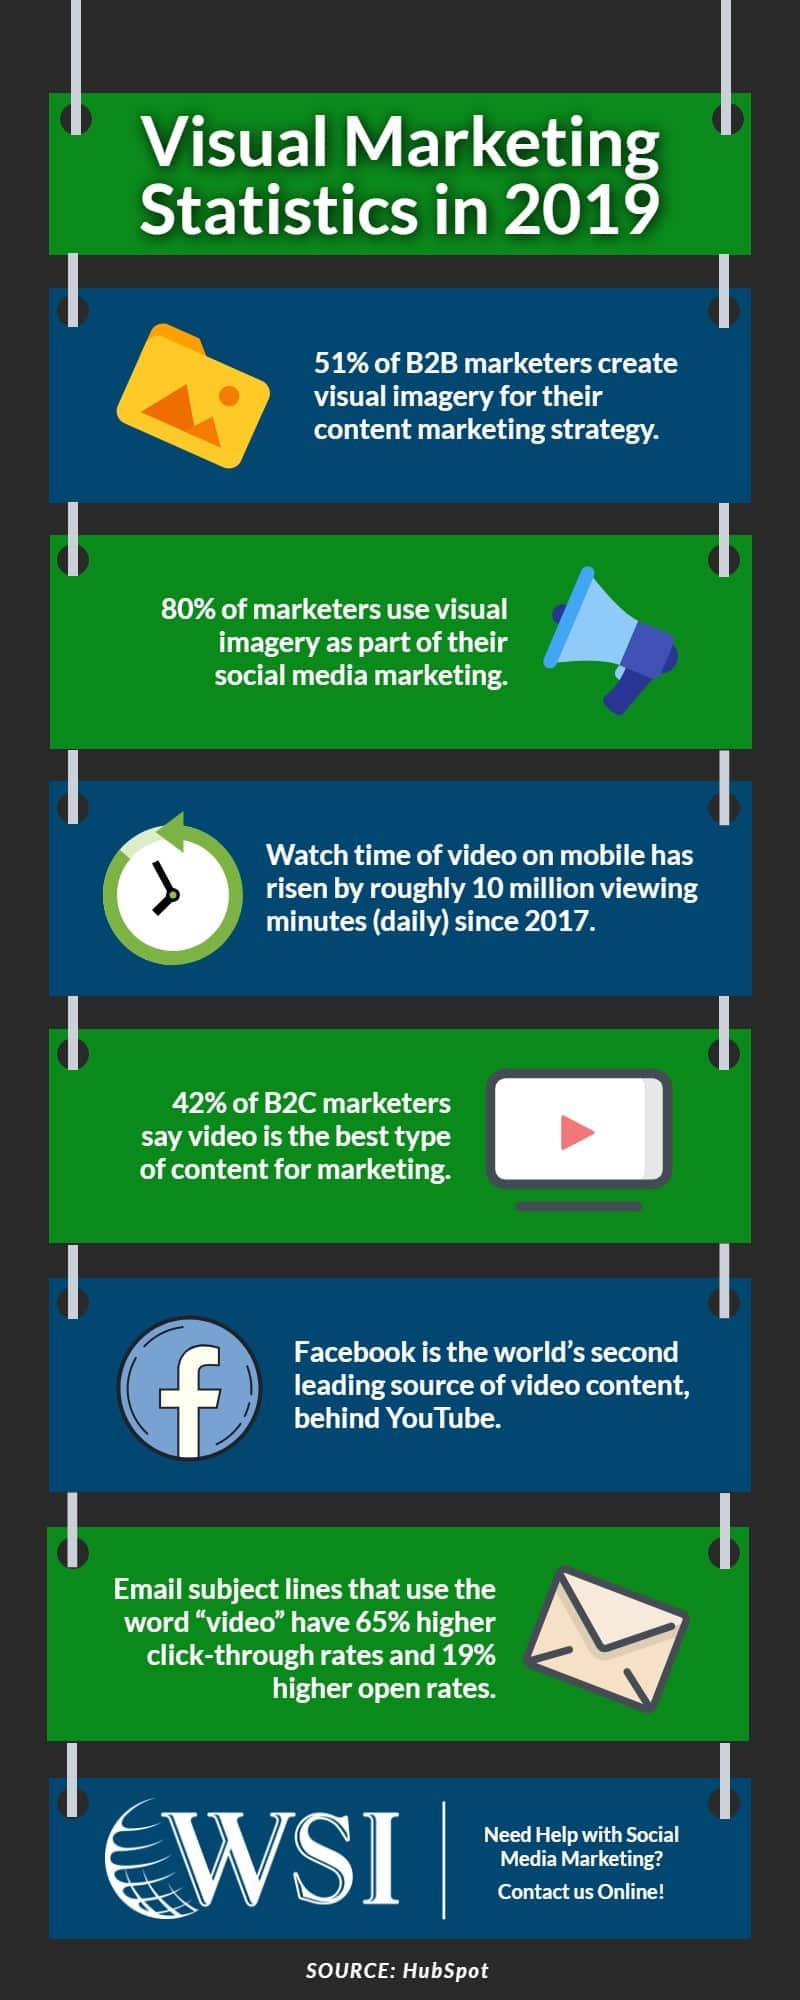 isual Marketing Statistics in 2019 | WSIeStrategies